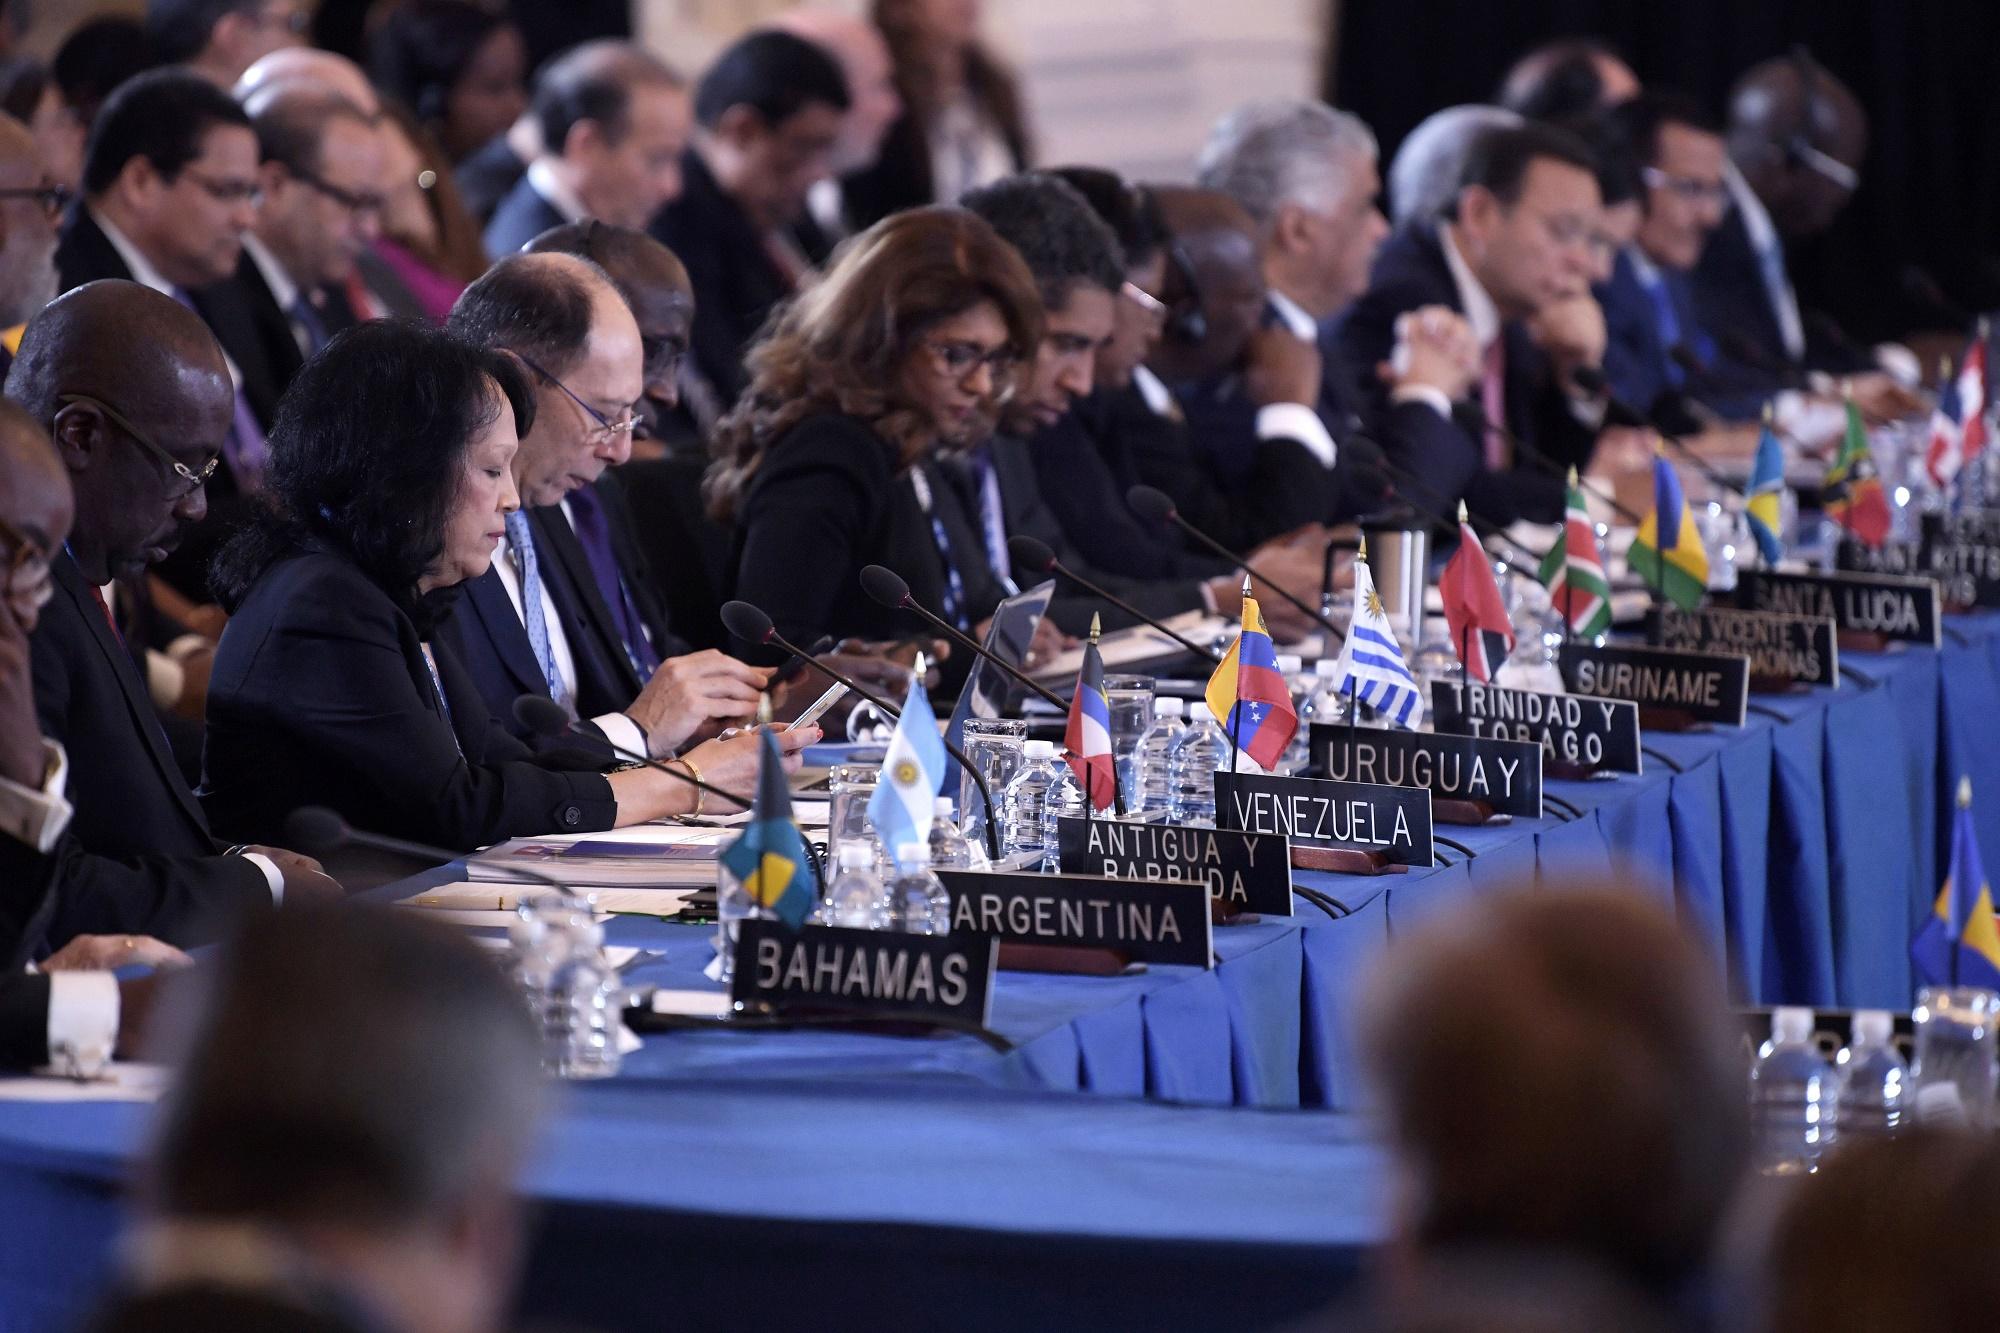 EEUU solicita debate en la OEA sobre la toma de posesión de Maduro el 10 de enero